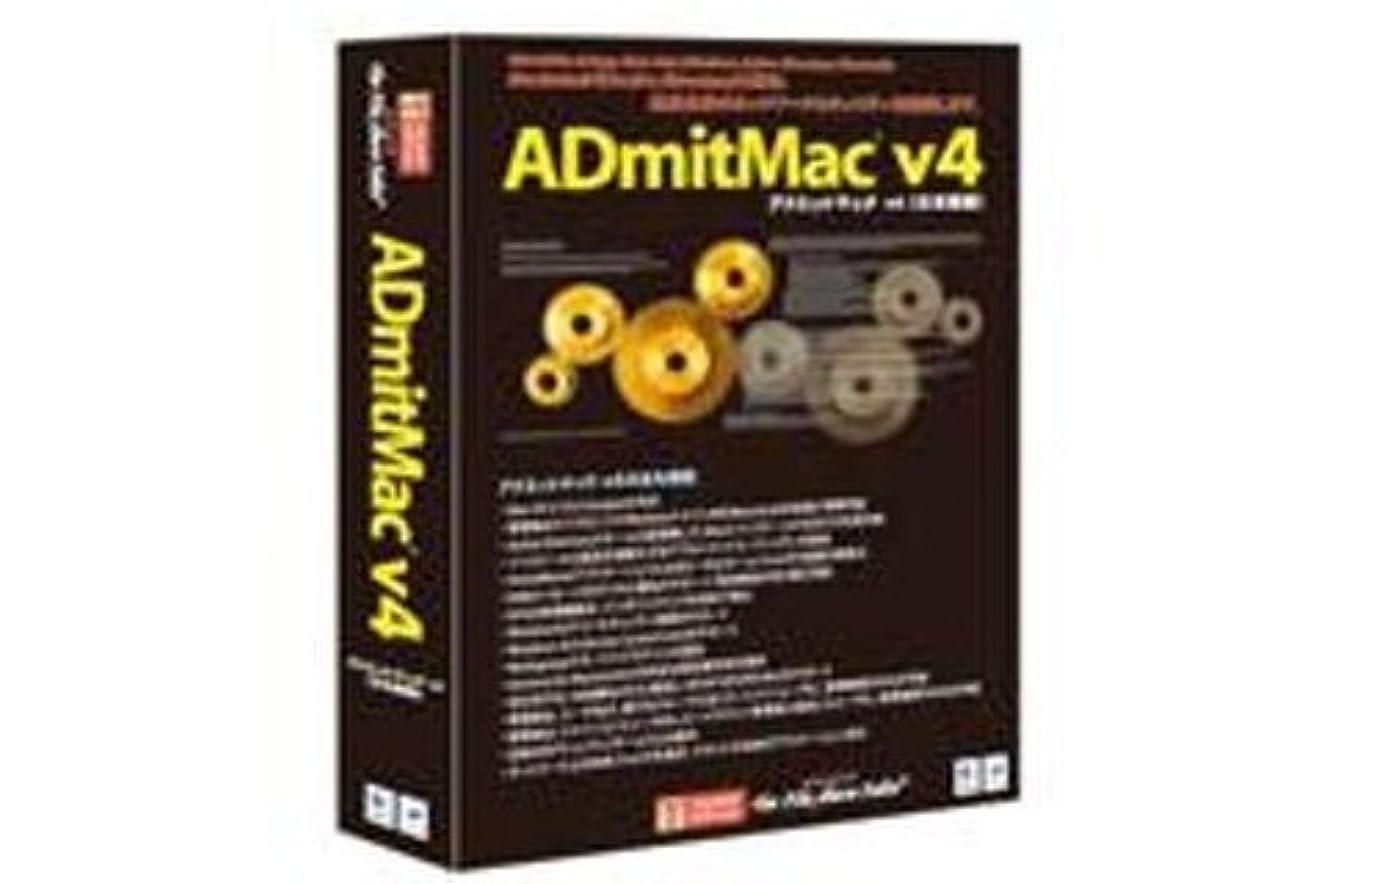 はずタヒチ誘惑ADmitMac v4 アカデミック版 25Pack